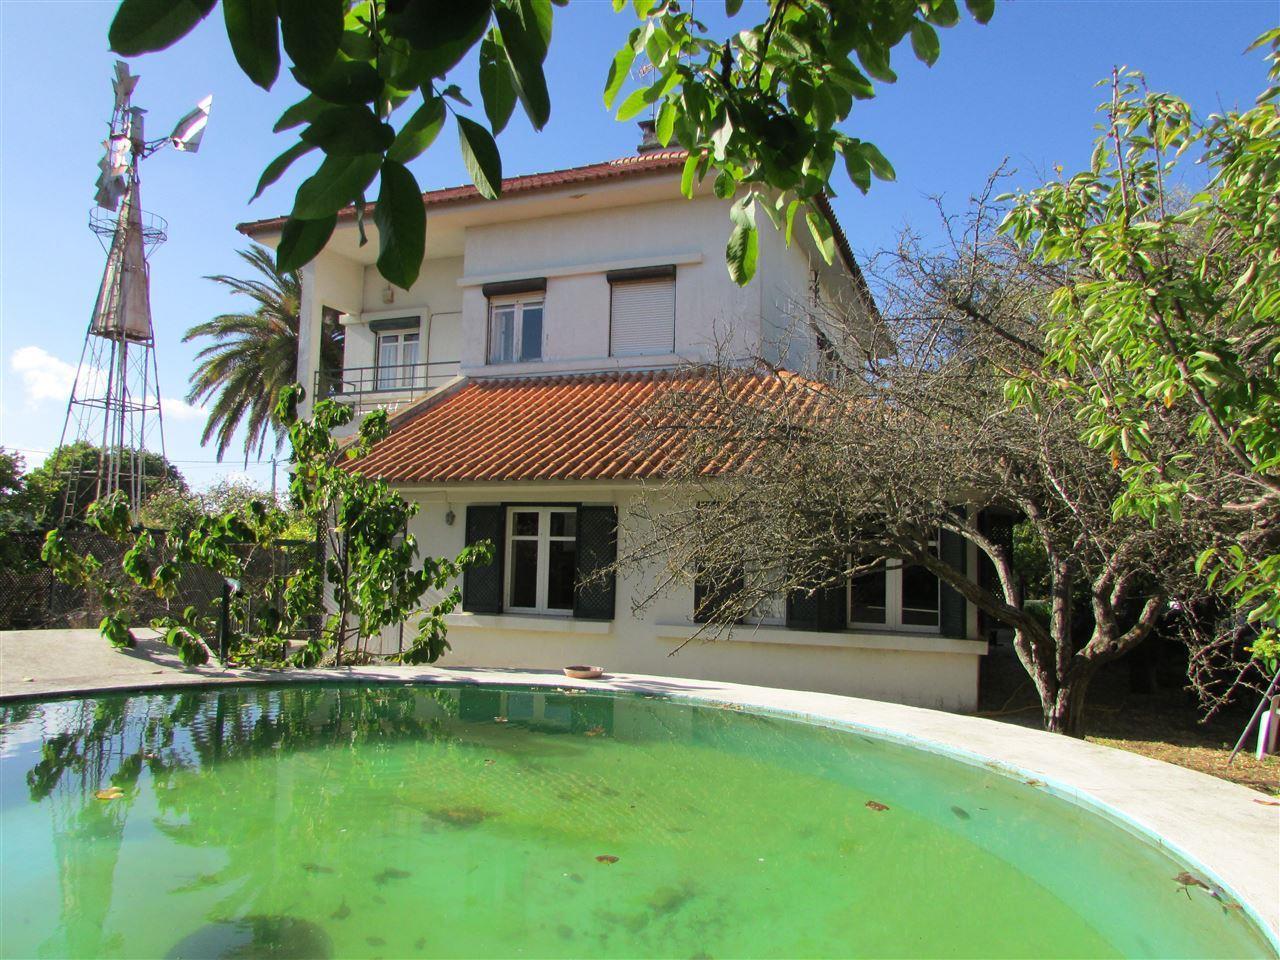 Maison unifamiliale pour l Vente à House, 4 bedrooms, for Sale Carcavelos, Cascais, Lisbonne Portugal